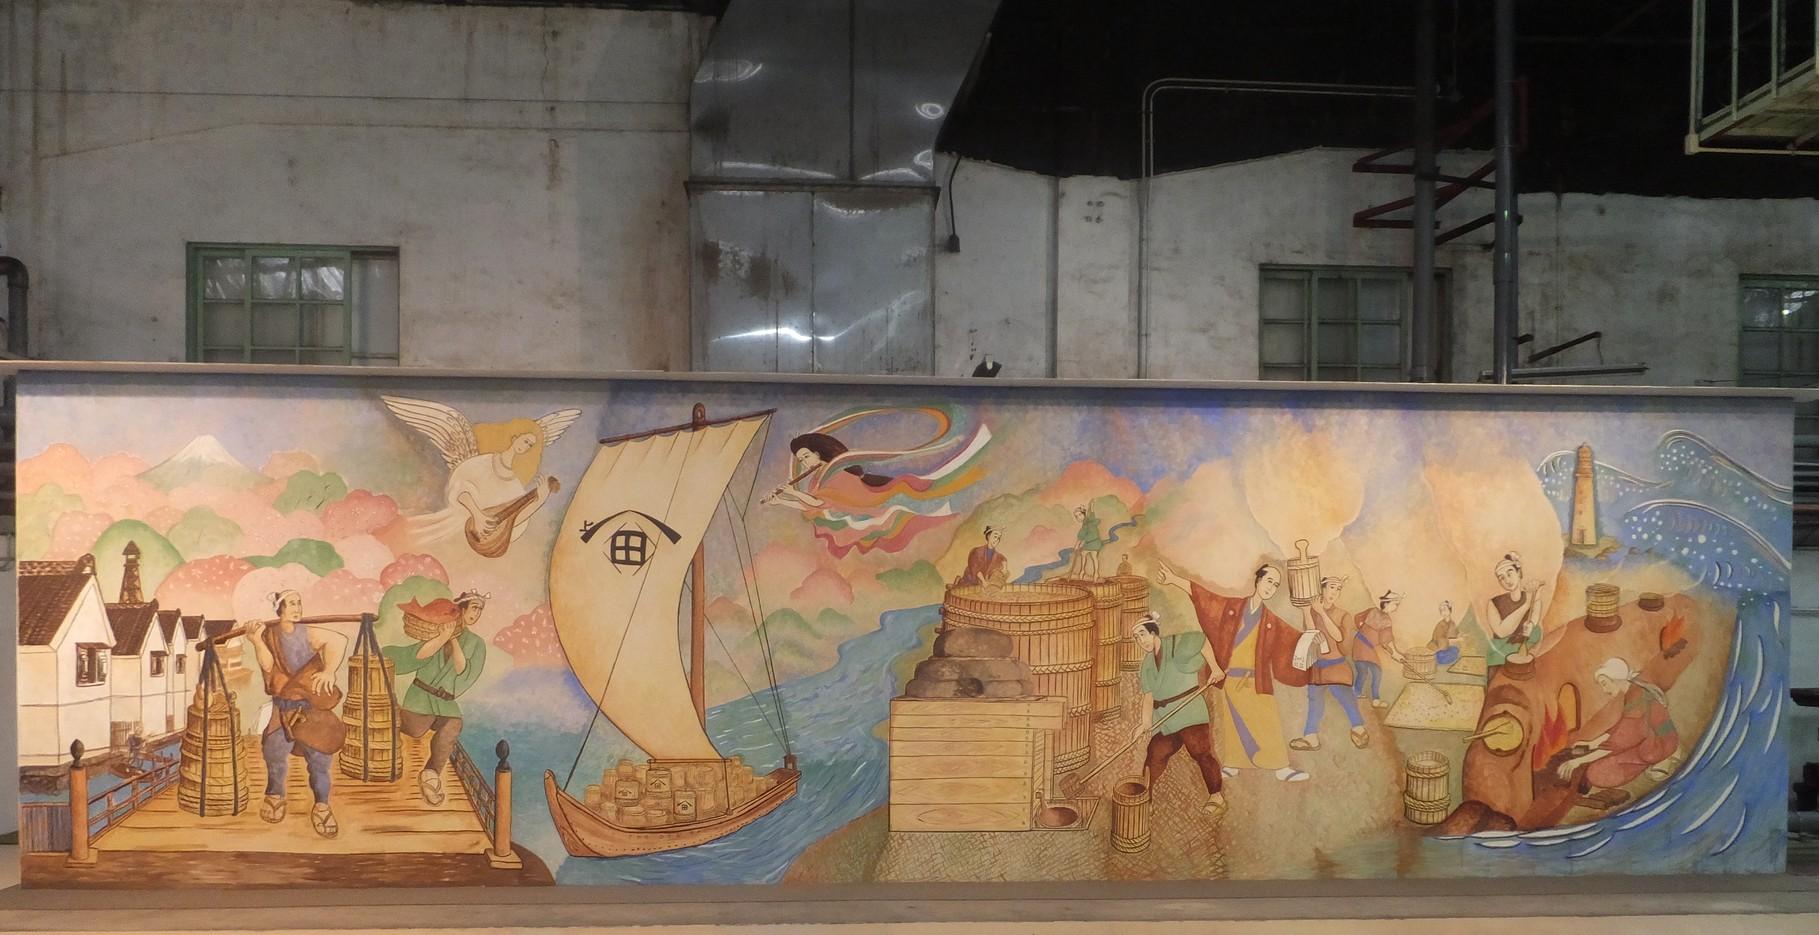 ヒゲタ醤油工場内のフレスコ画